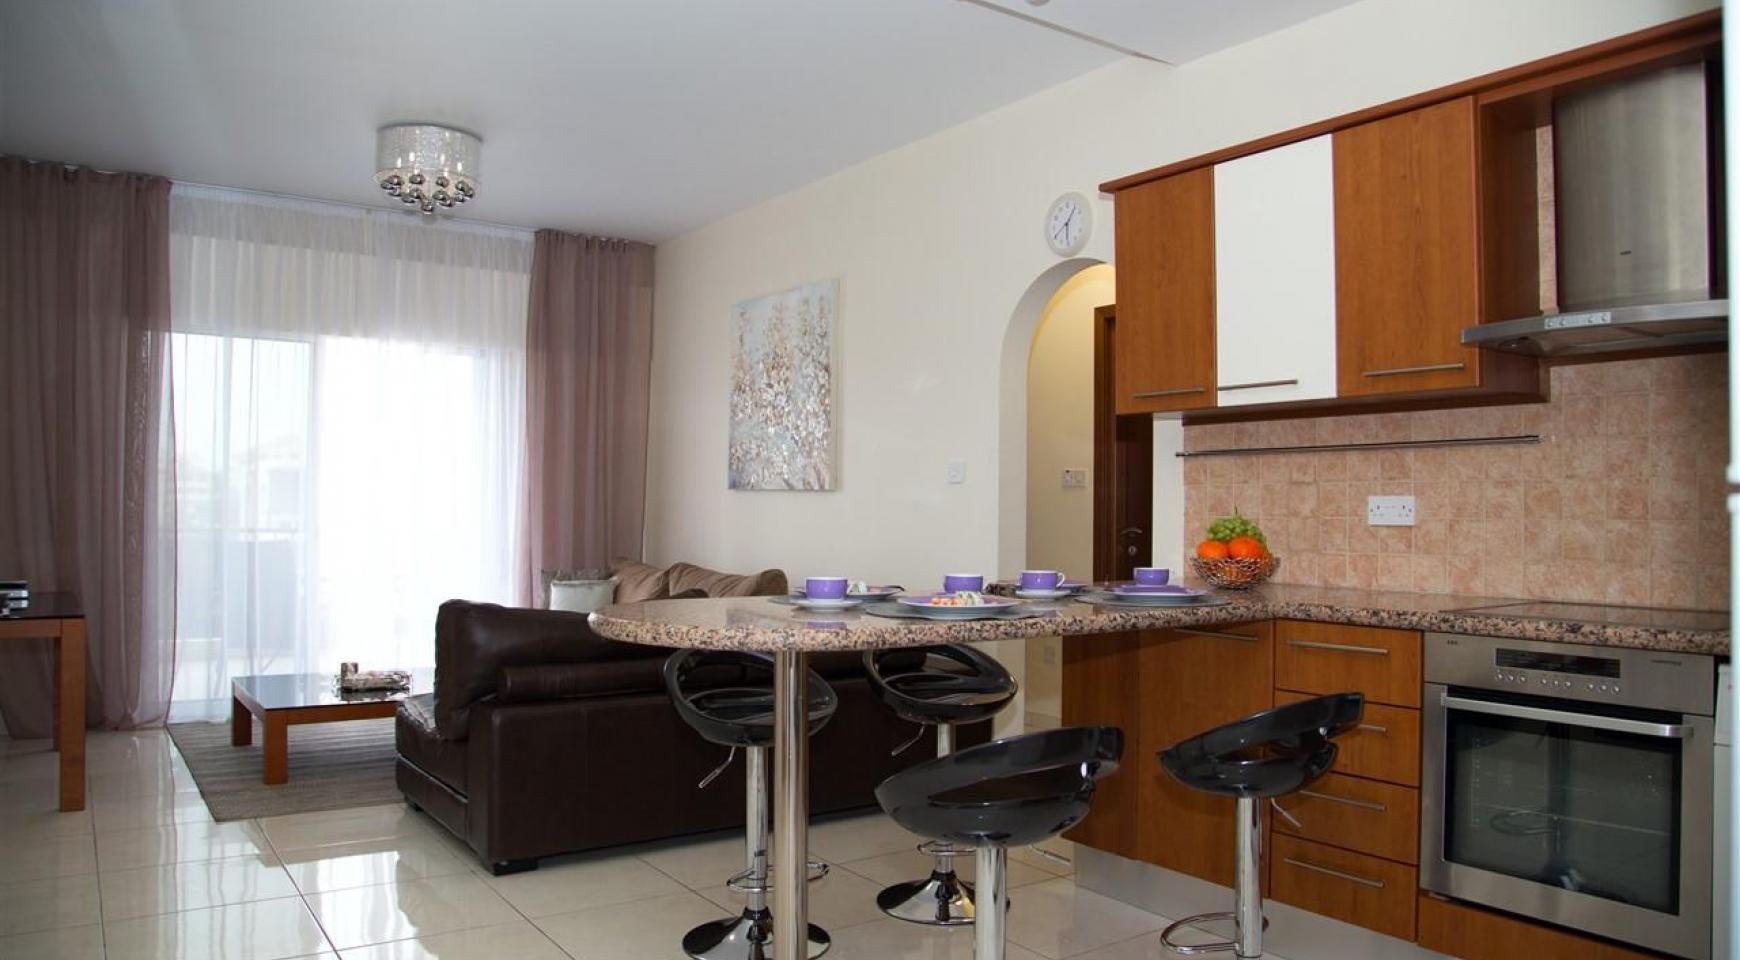 2-Спальная Квартира Mesogios Iris 304 в Комплексе у Моря - 9